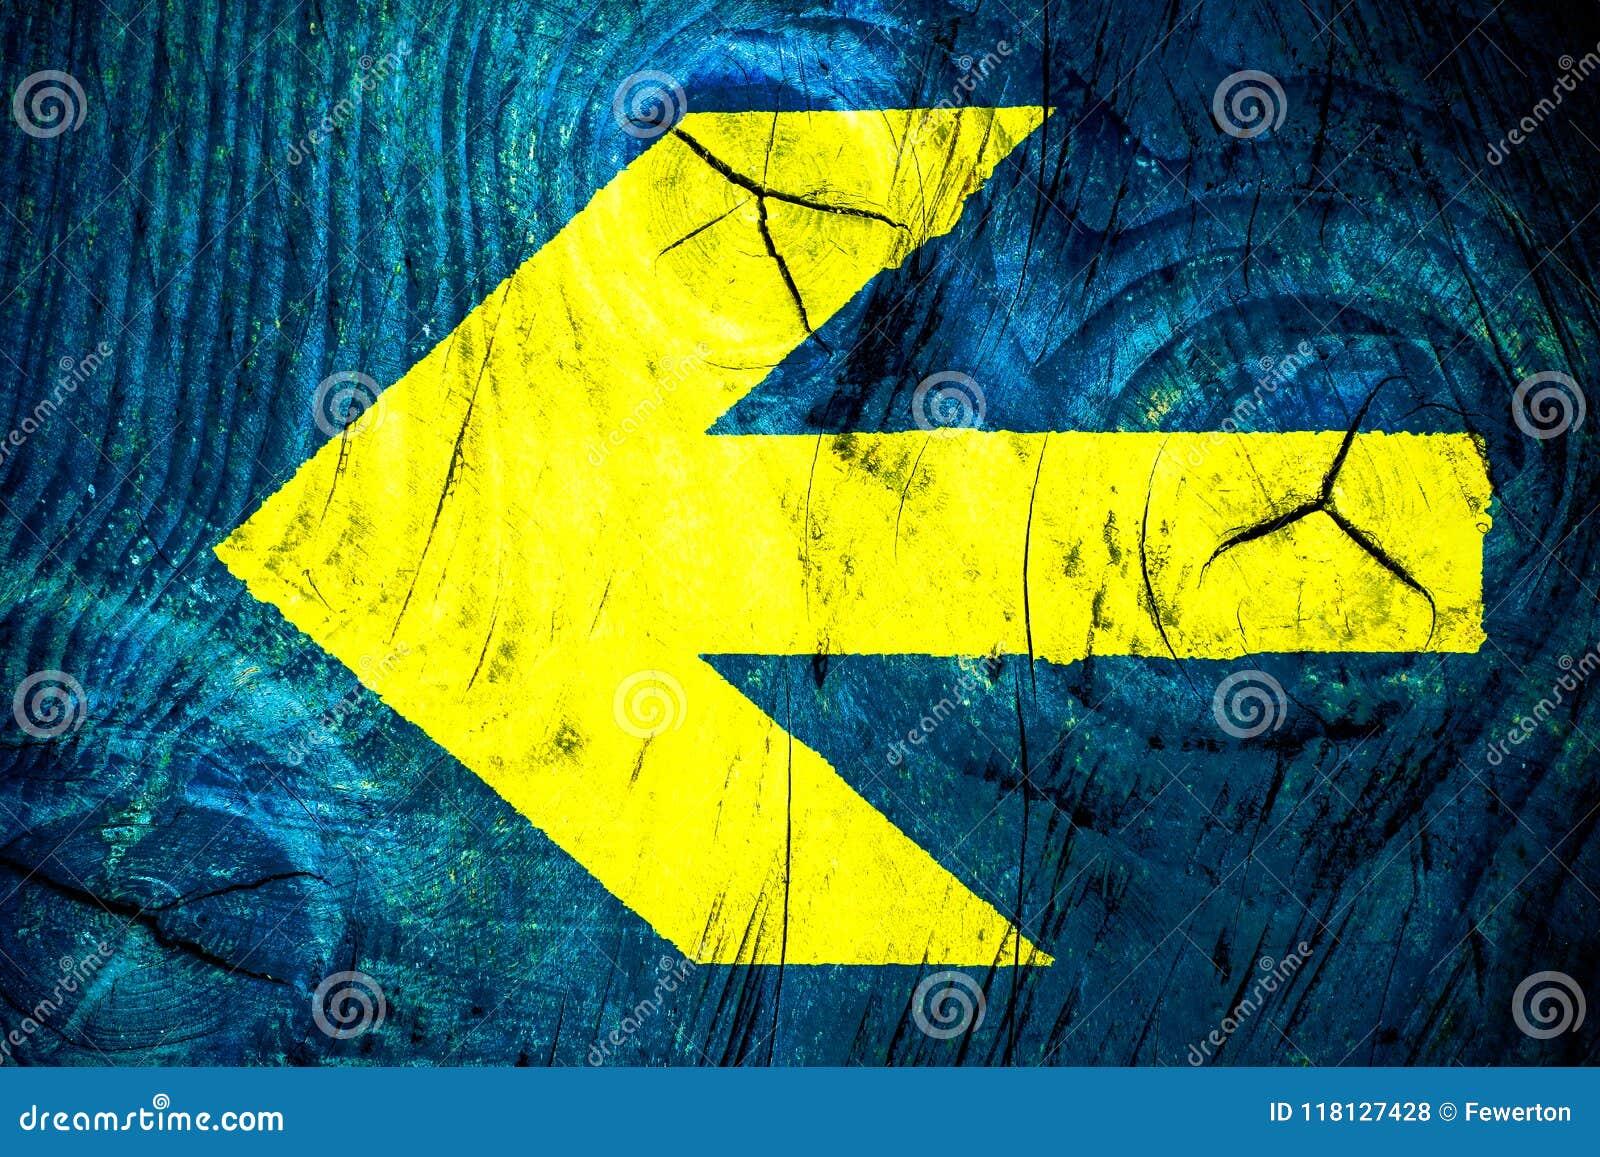 La direction jaune de flèche signal plus de le mur en bois de couleur bleue lumineuse vive avec des imperfections et les fissures